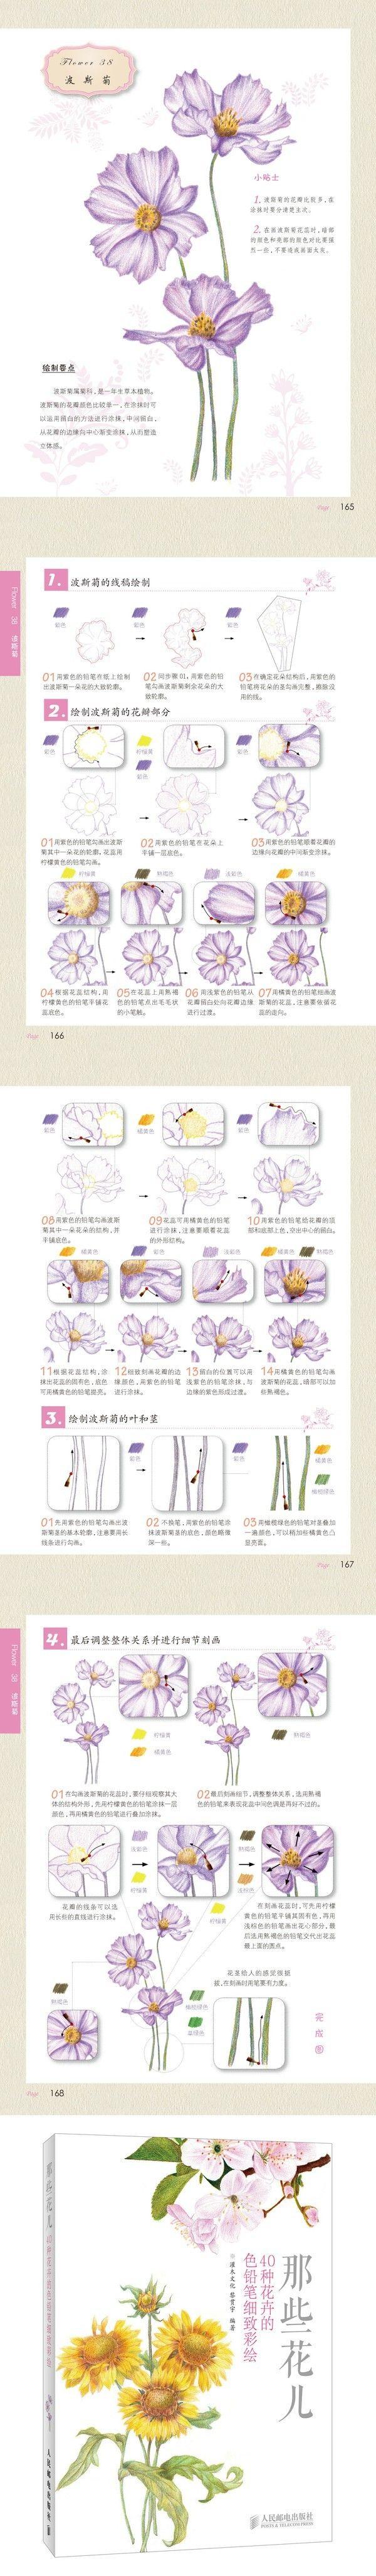 《那些花儿:40种花卉的色铅笔细致彩绘 ...